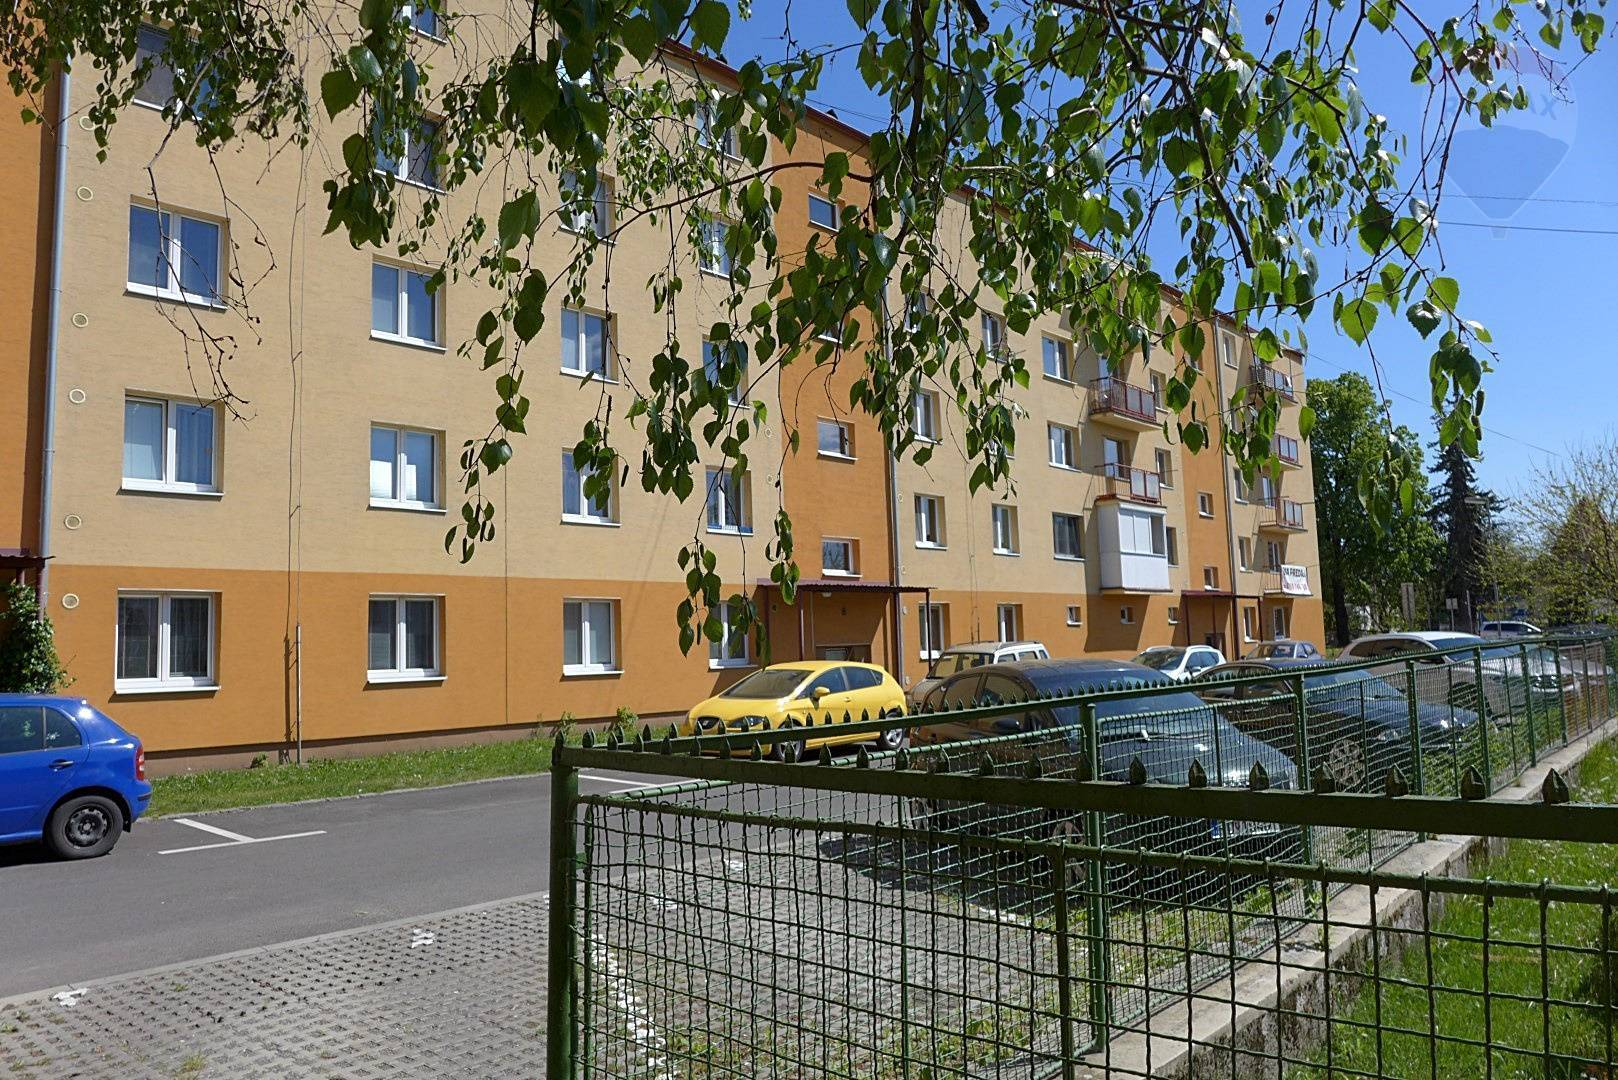 PRENÁJOM 2 izbový byt s balkónom,  57 m2 ul. Košovská cesta - centrum mesta - PRIEVIDZA